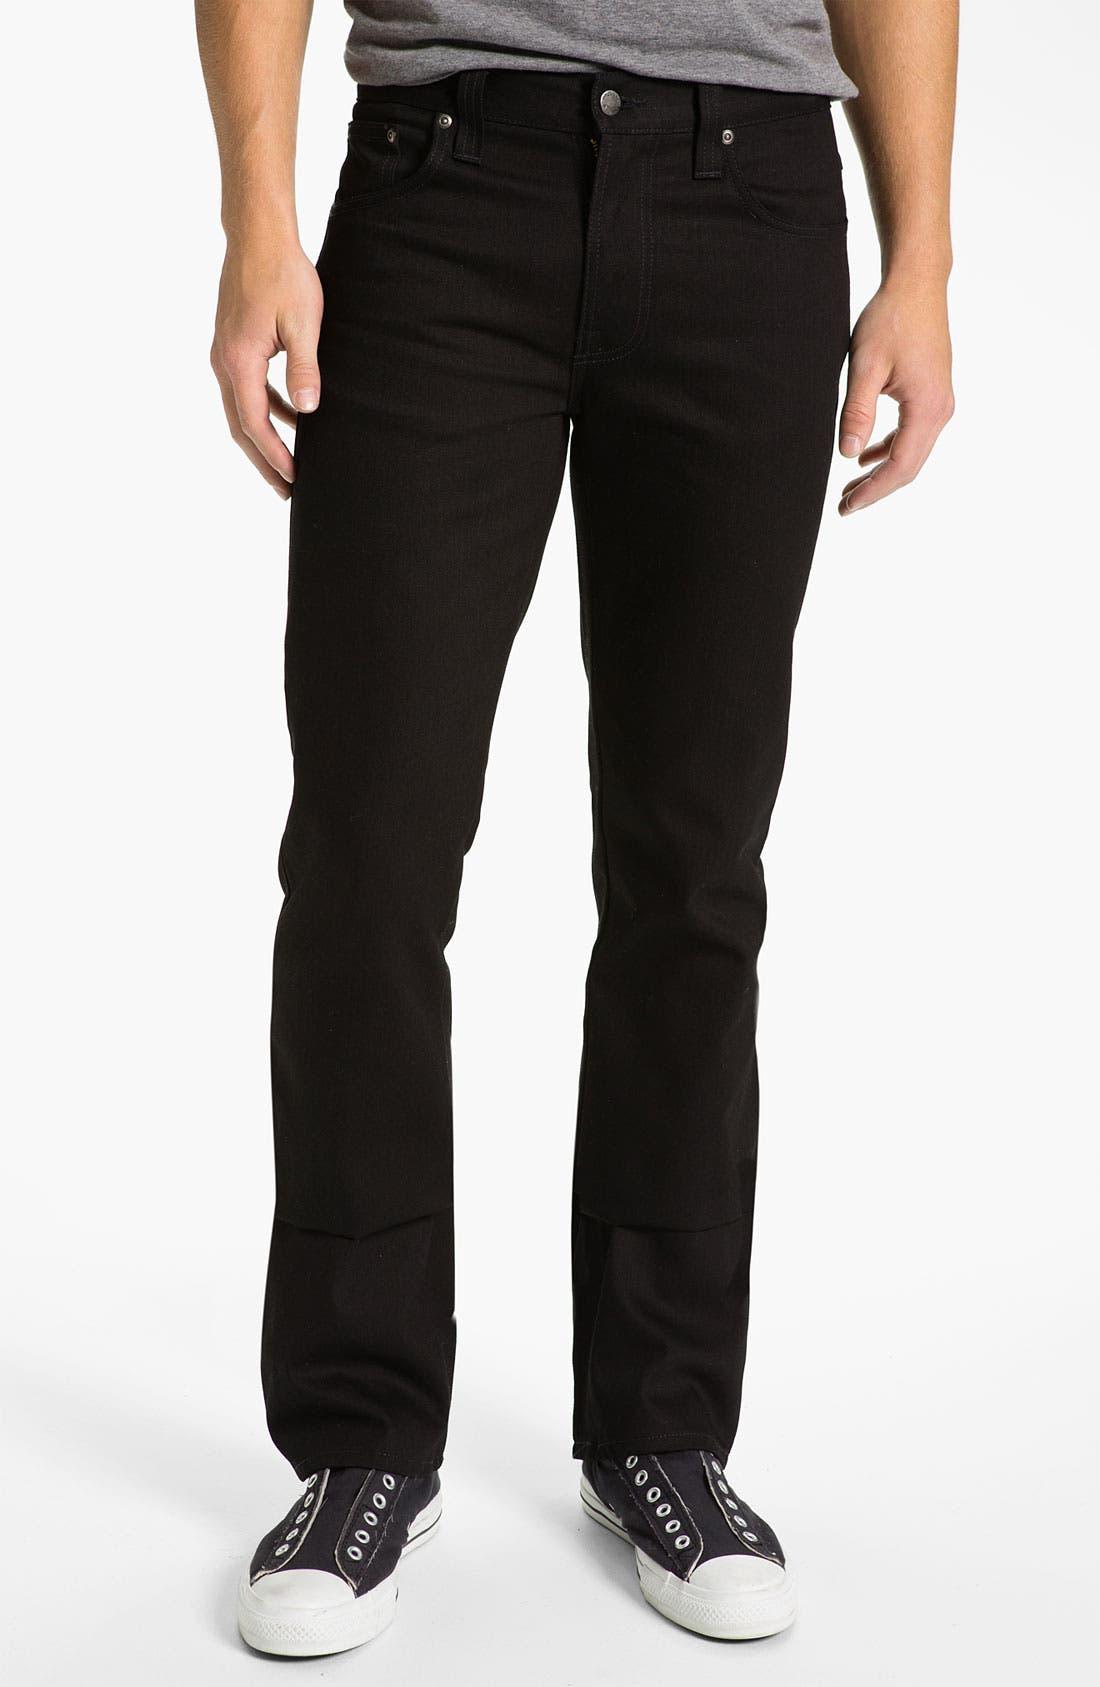 Alternate Image 2  - Nudie Jeans 'Slim Jim' Slim Fit Jeans (Organic Dry Black)